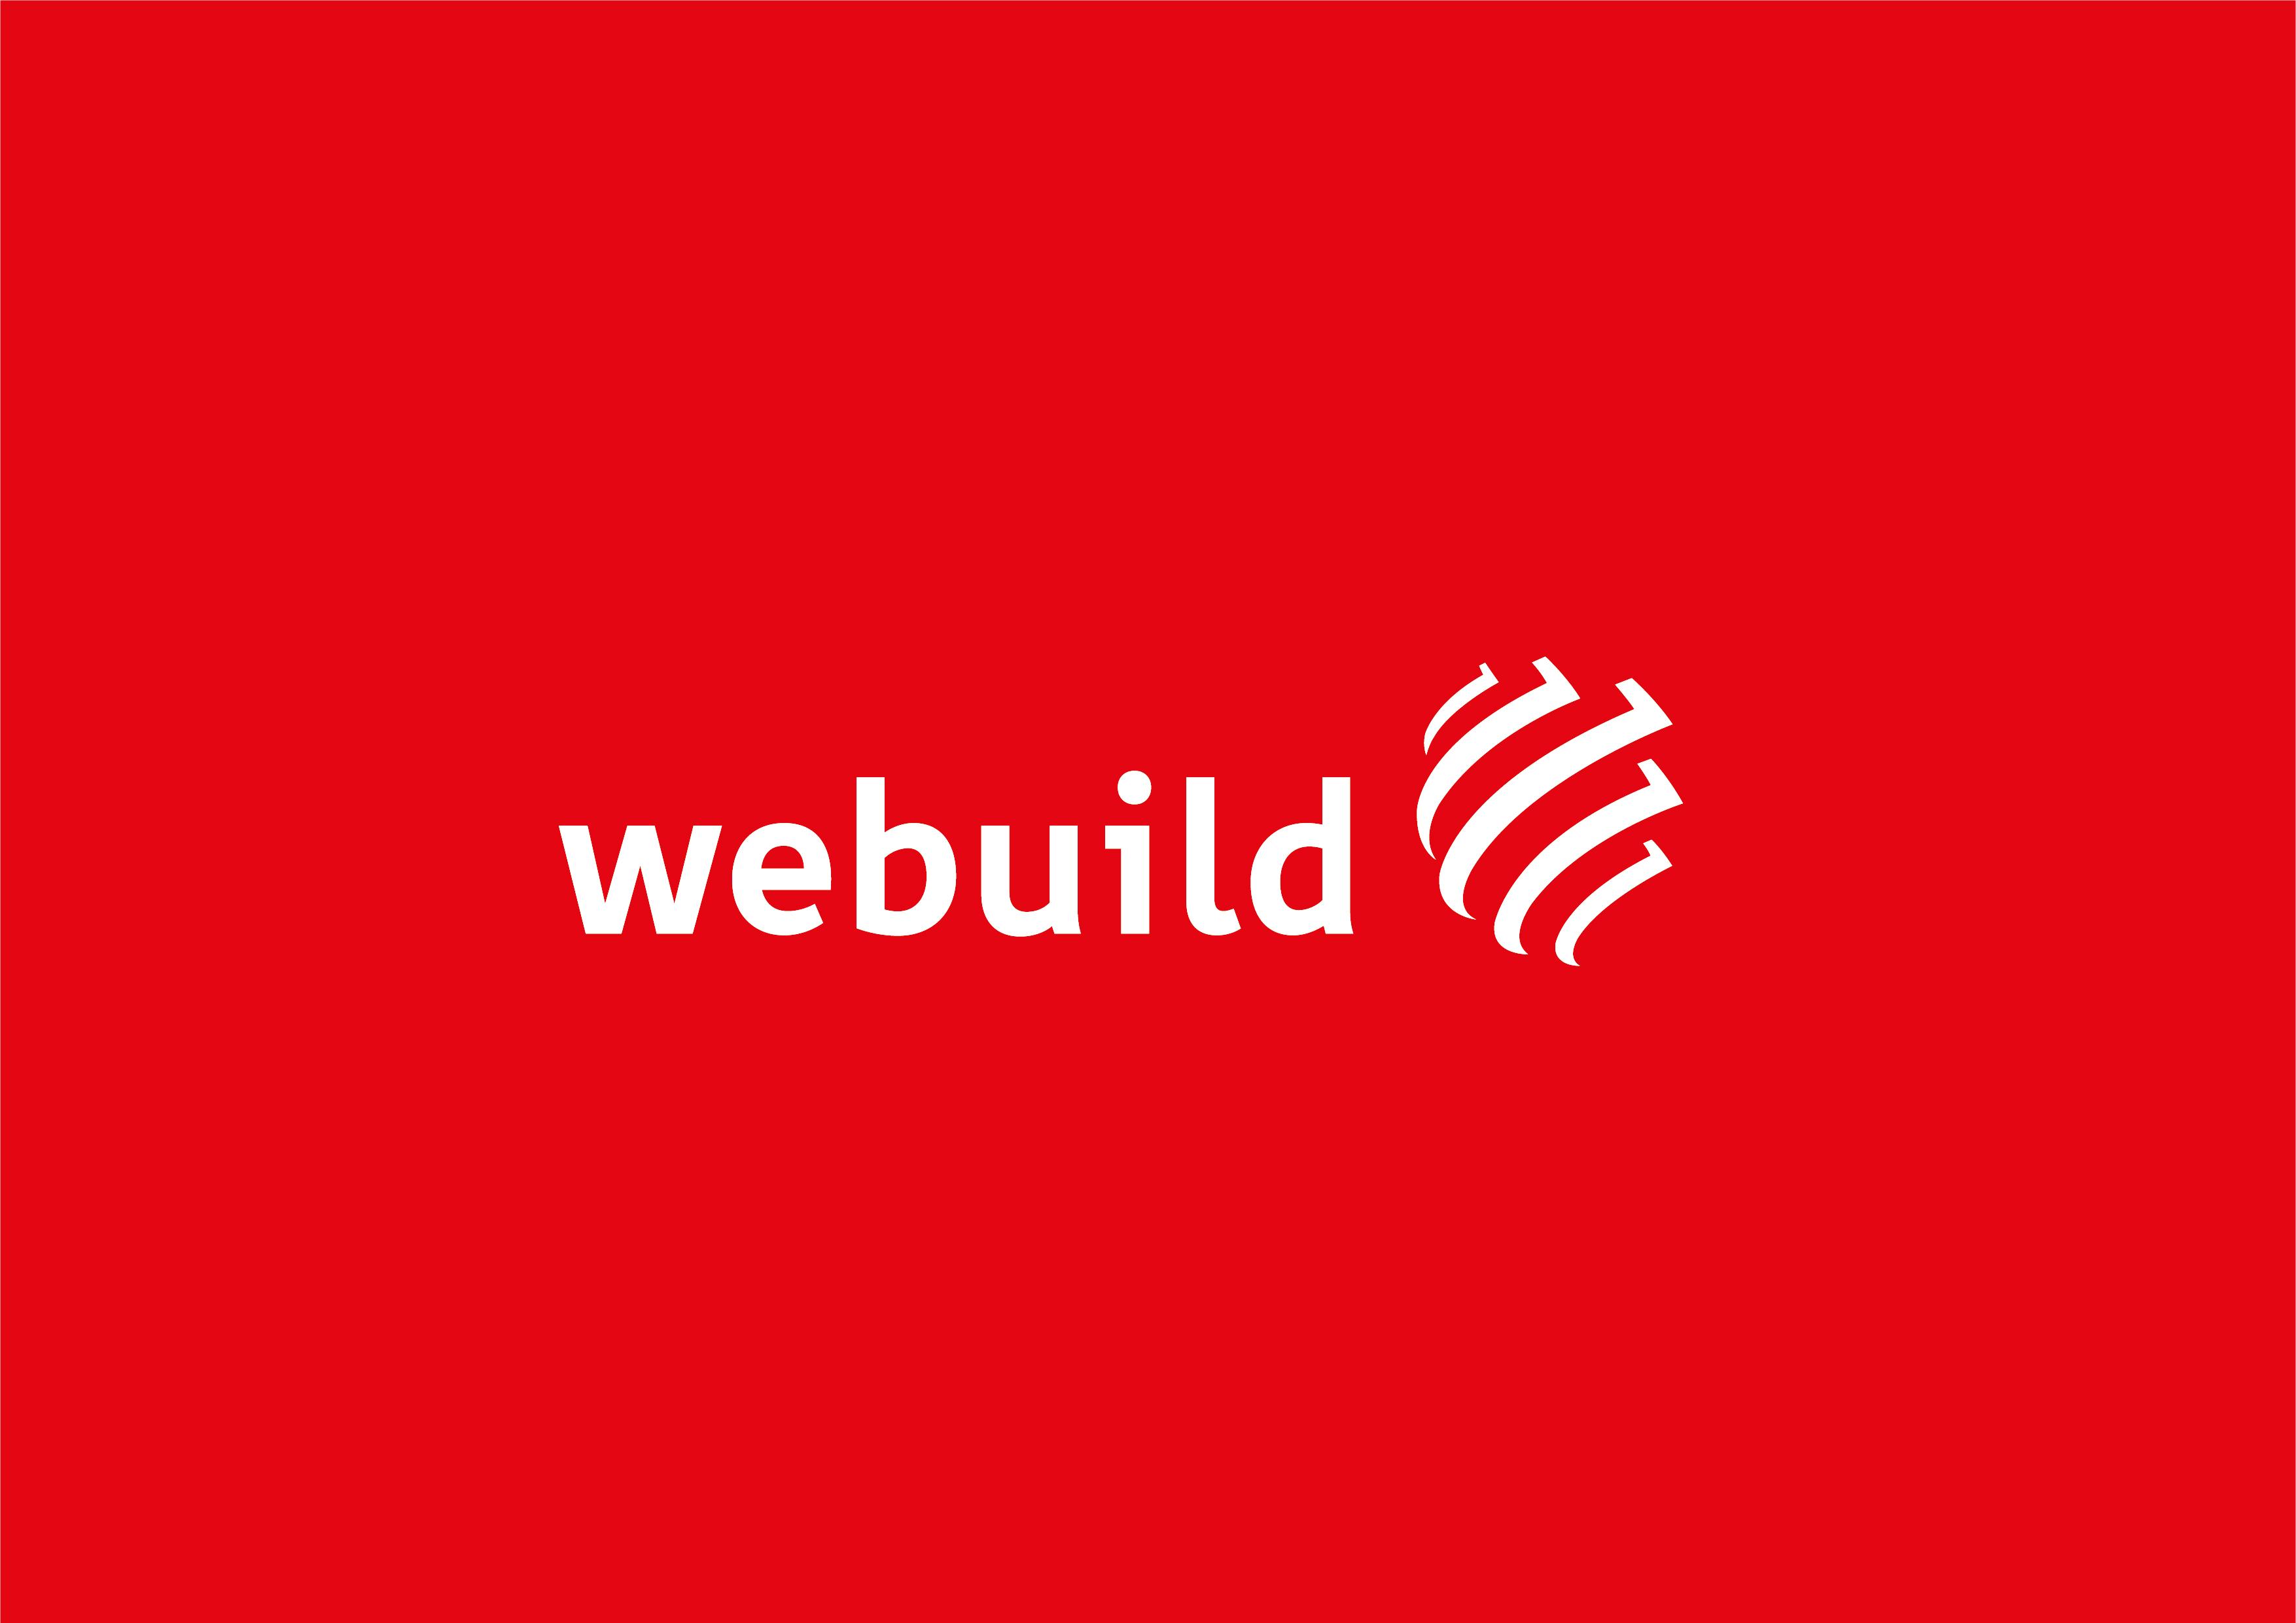 Webuild takes remaining stake in Astaldi